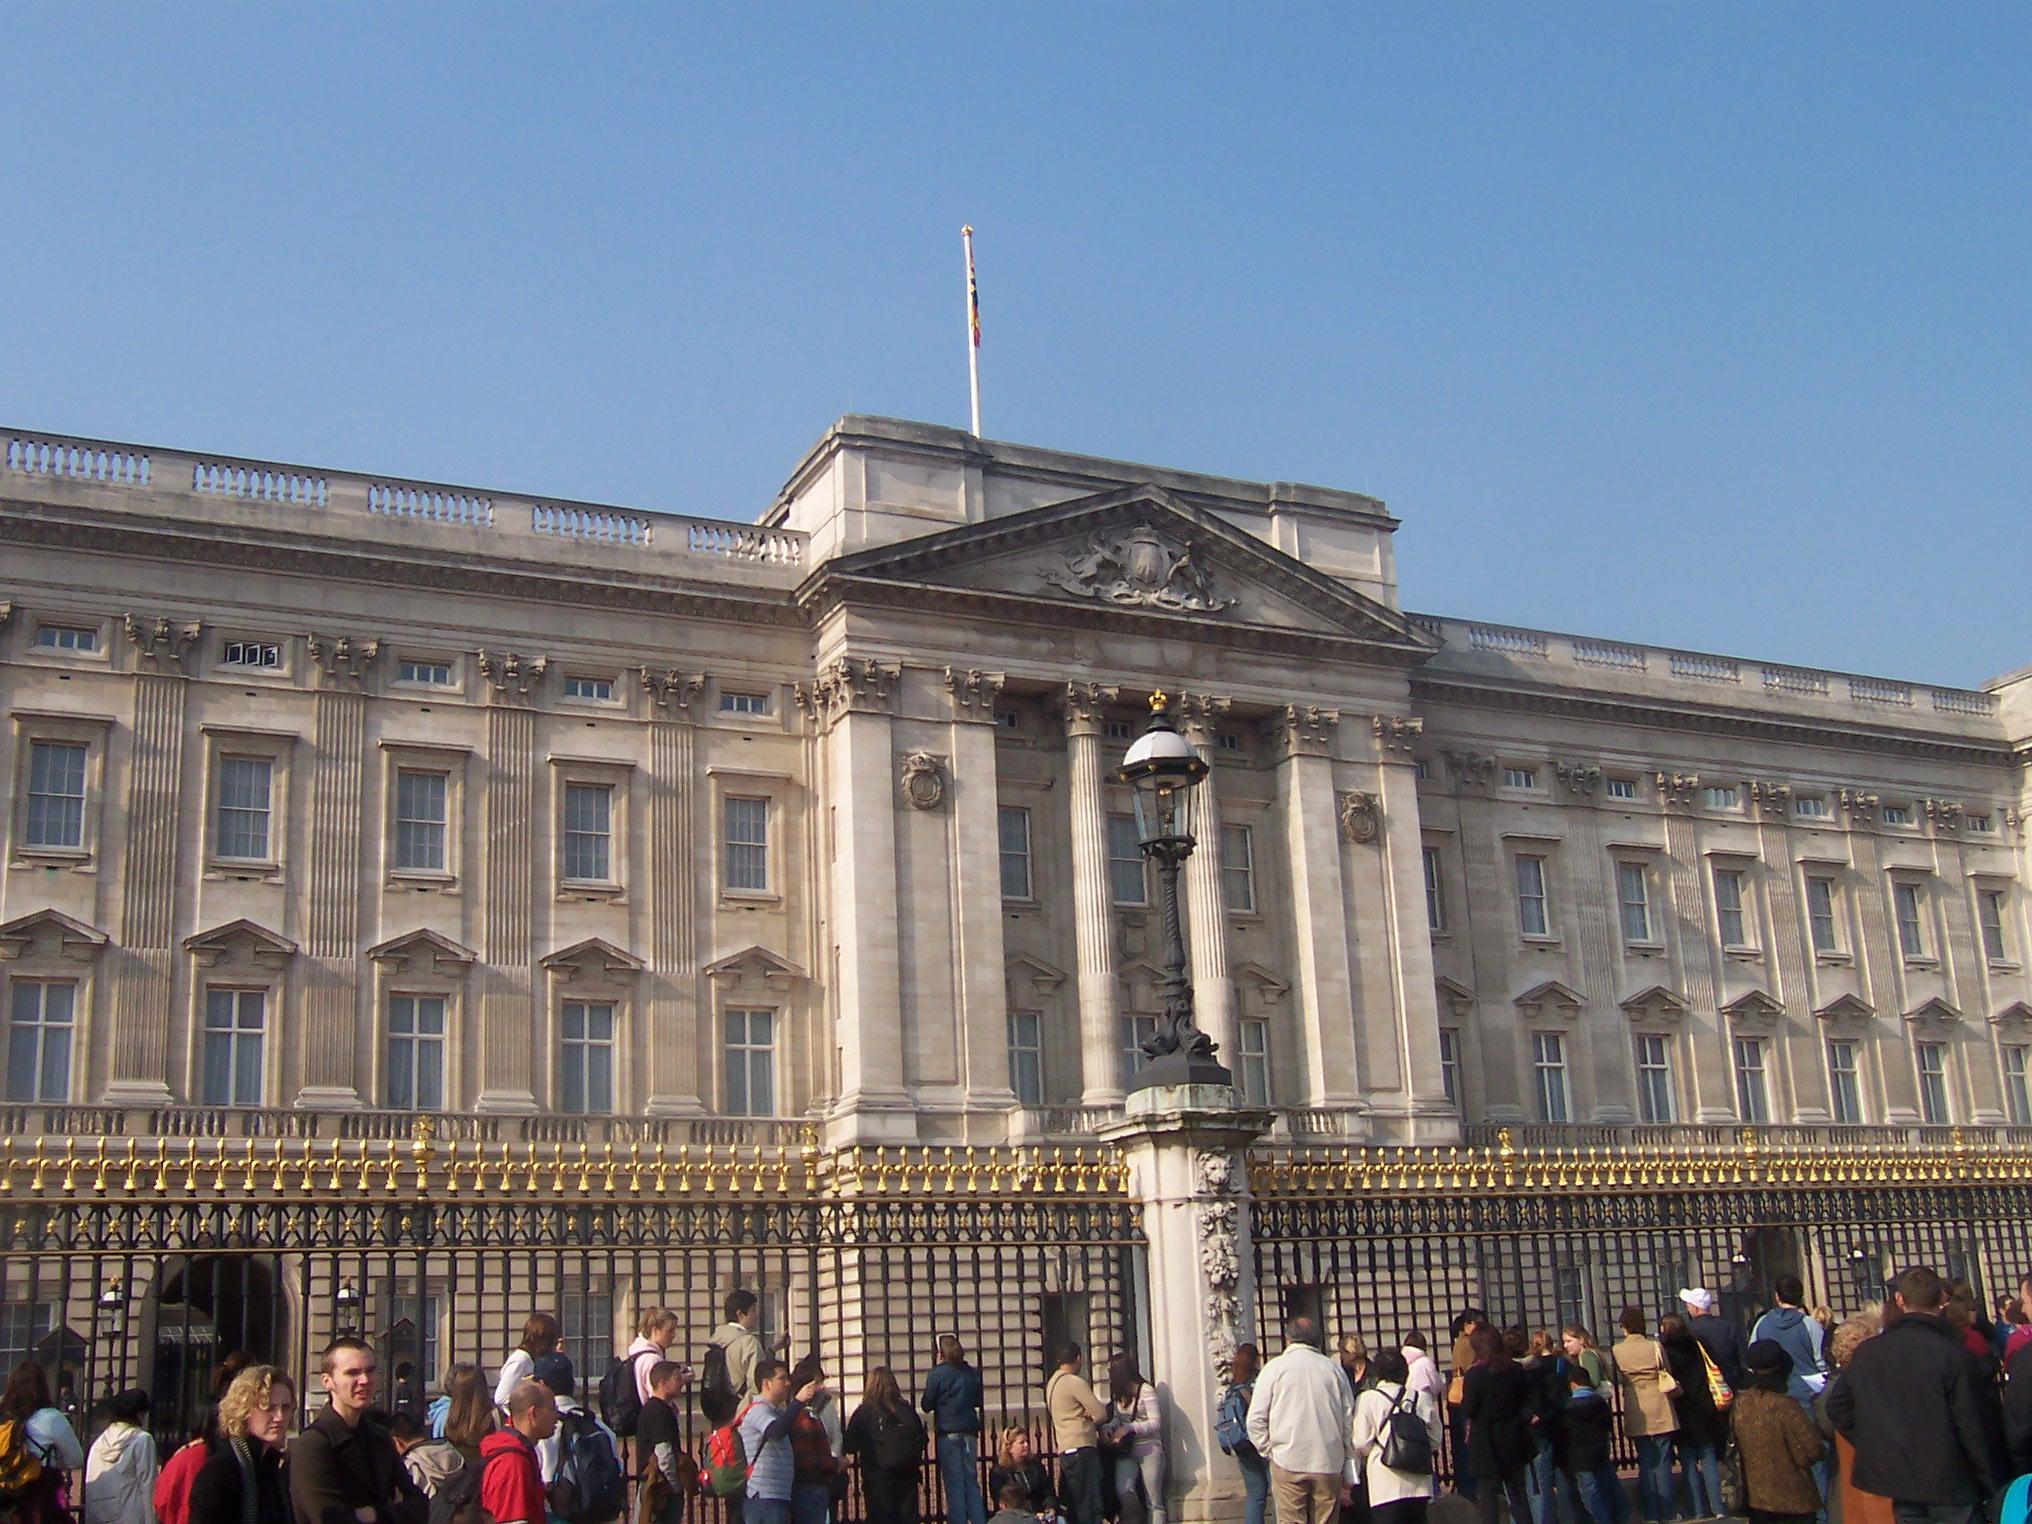 Bildresultat för palace london